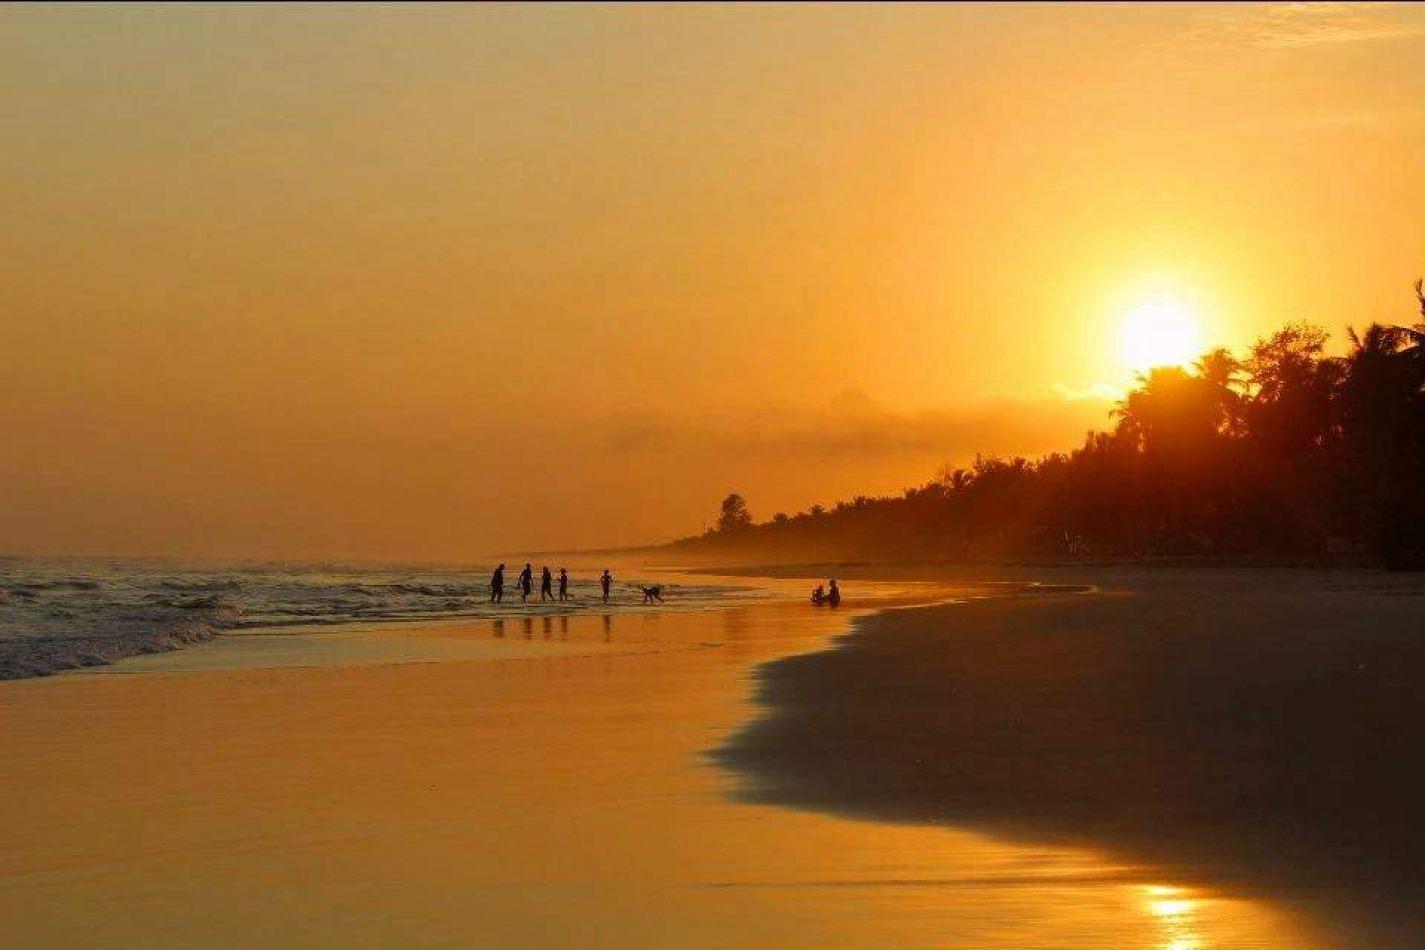 Hibiscus & Nomada : Ivory Coast - Sunset in Assinie